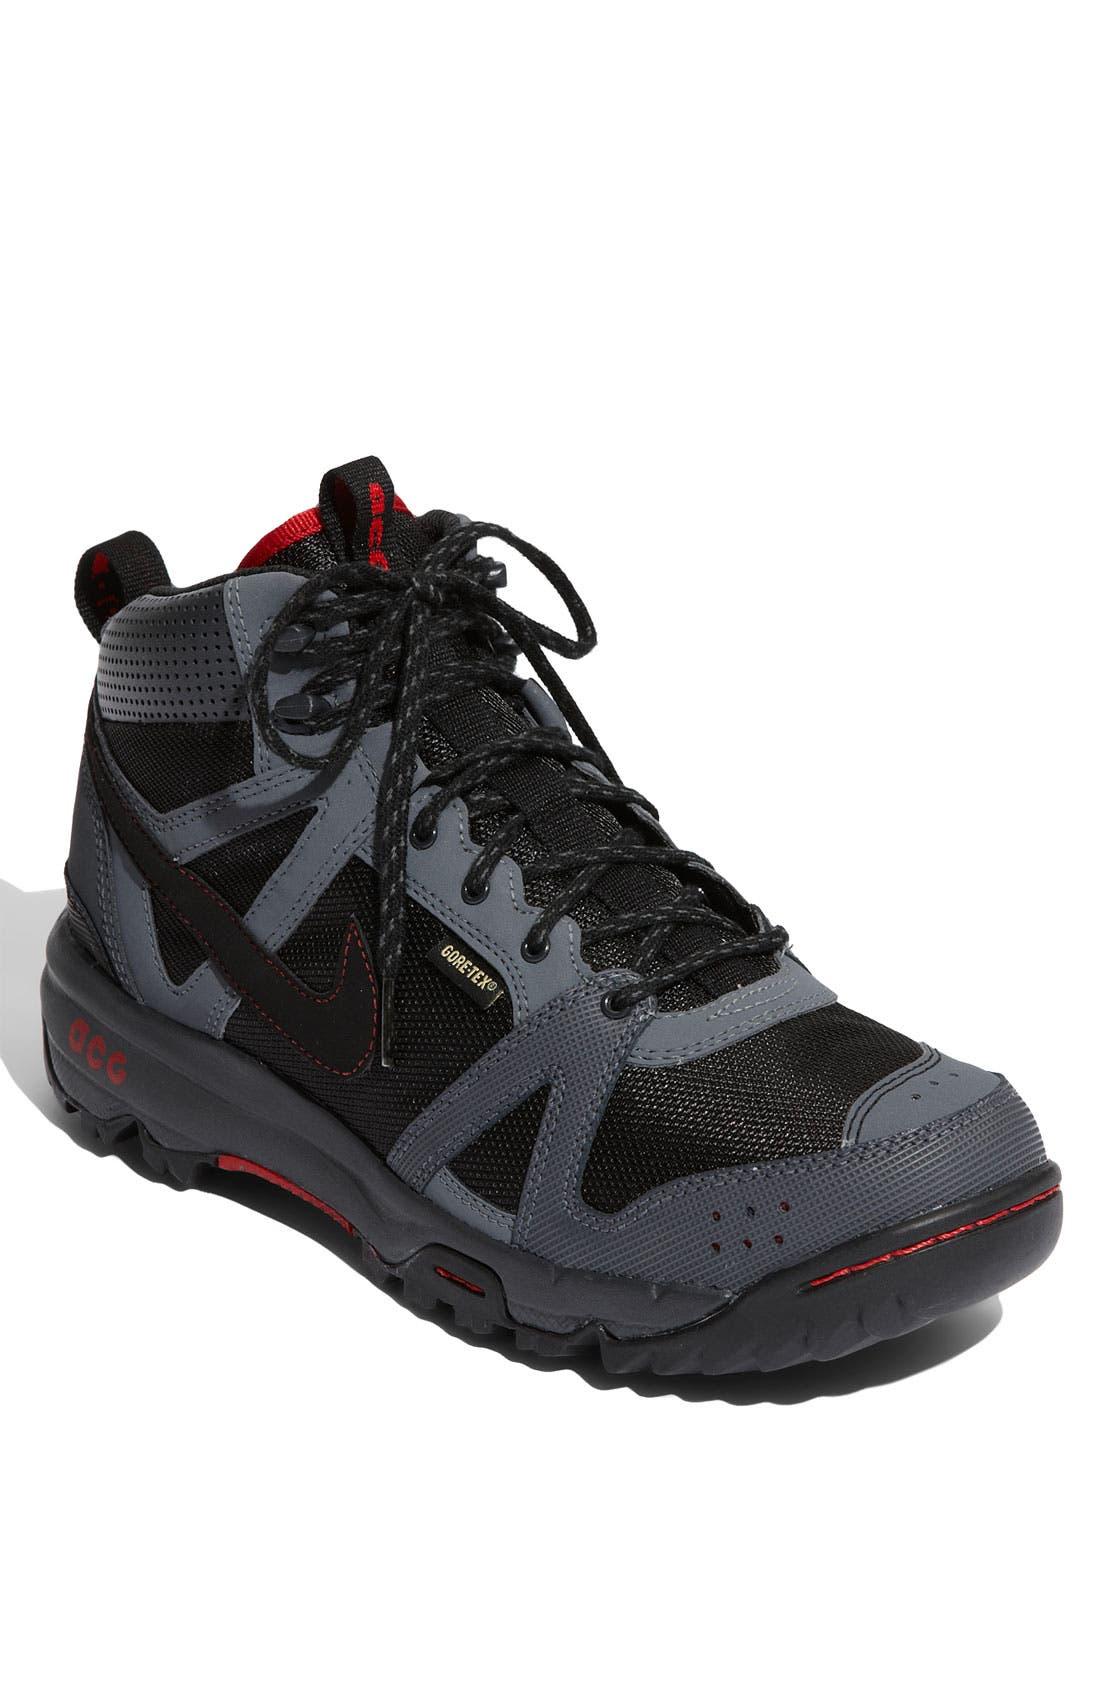 6083564390a Nike rongbuk sport shoe nordstrom jpg 1660x1783 Nike rongbuk